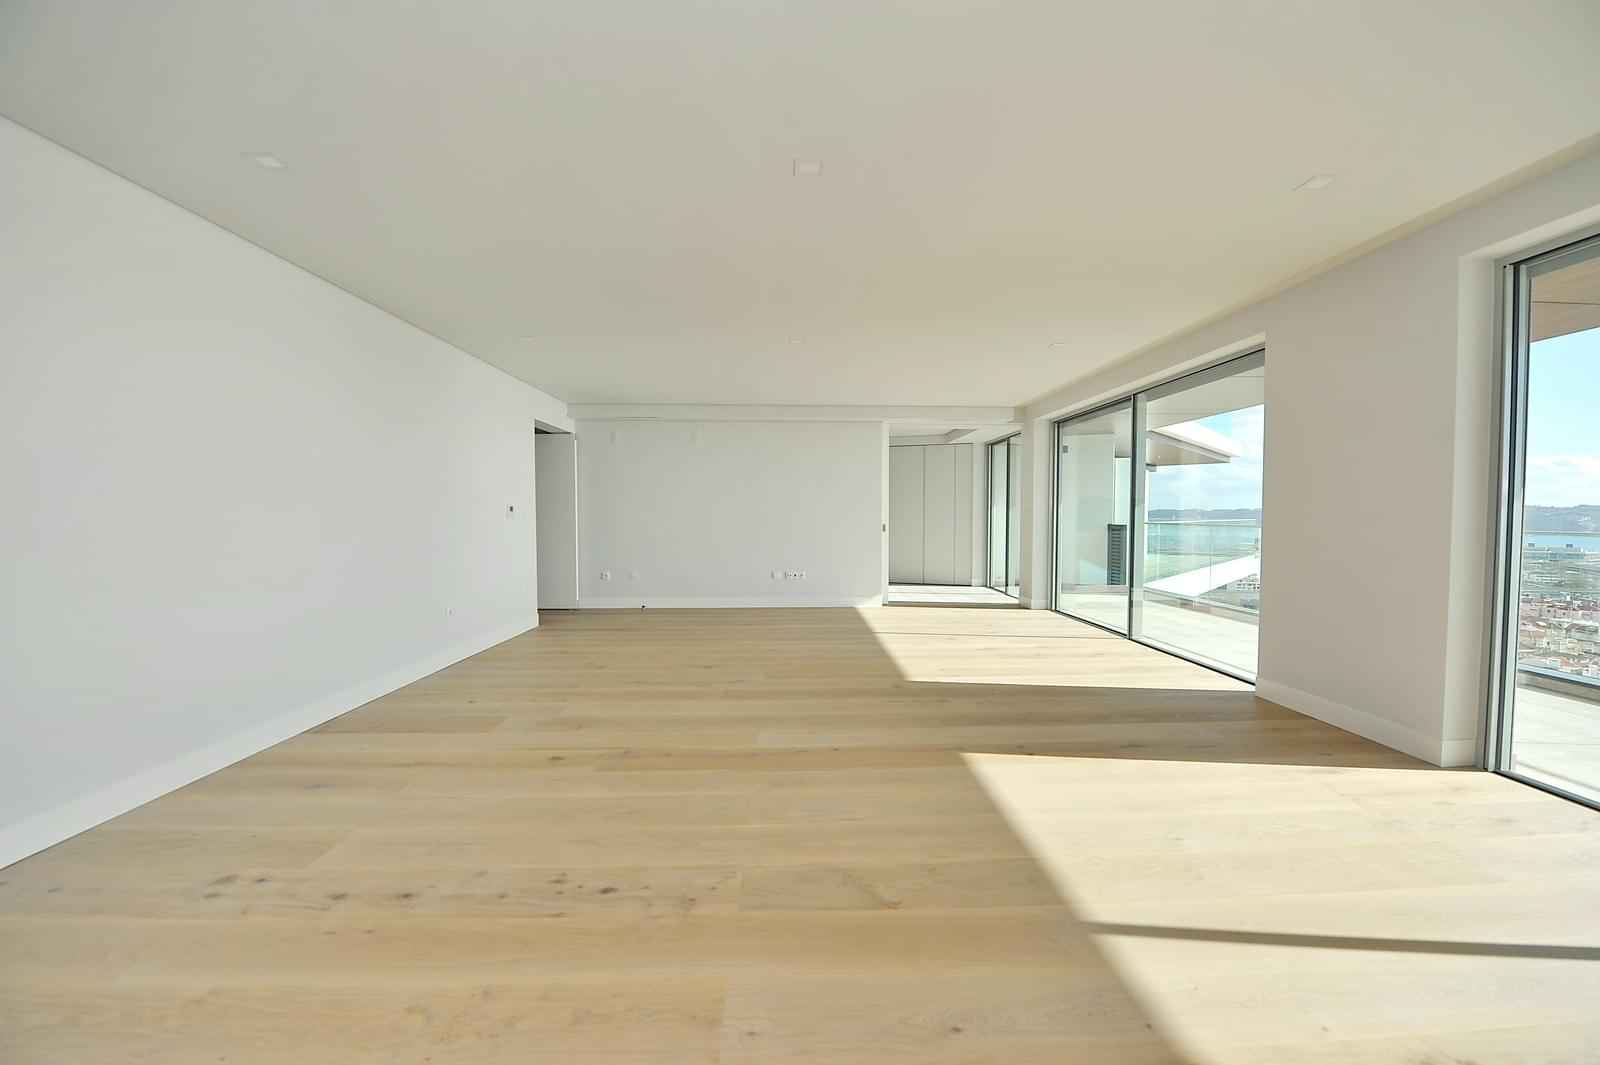 pf18989-apartamento-t4-oeiras-1836b428-0f3d-46b8-8488-0f4682178491